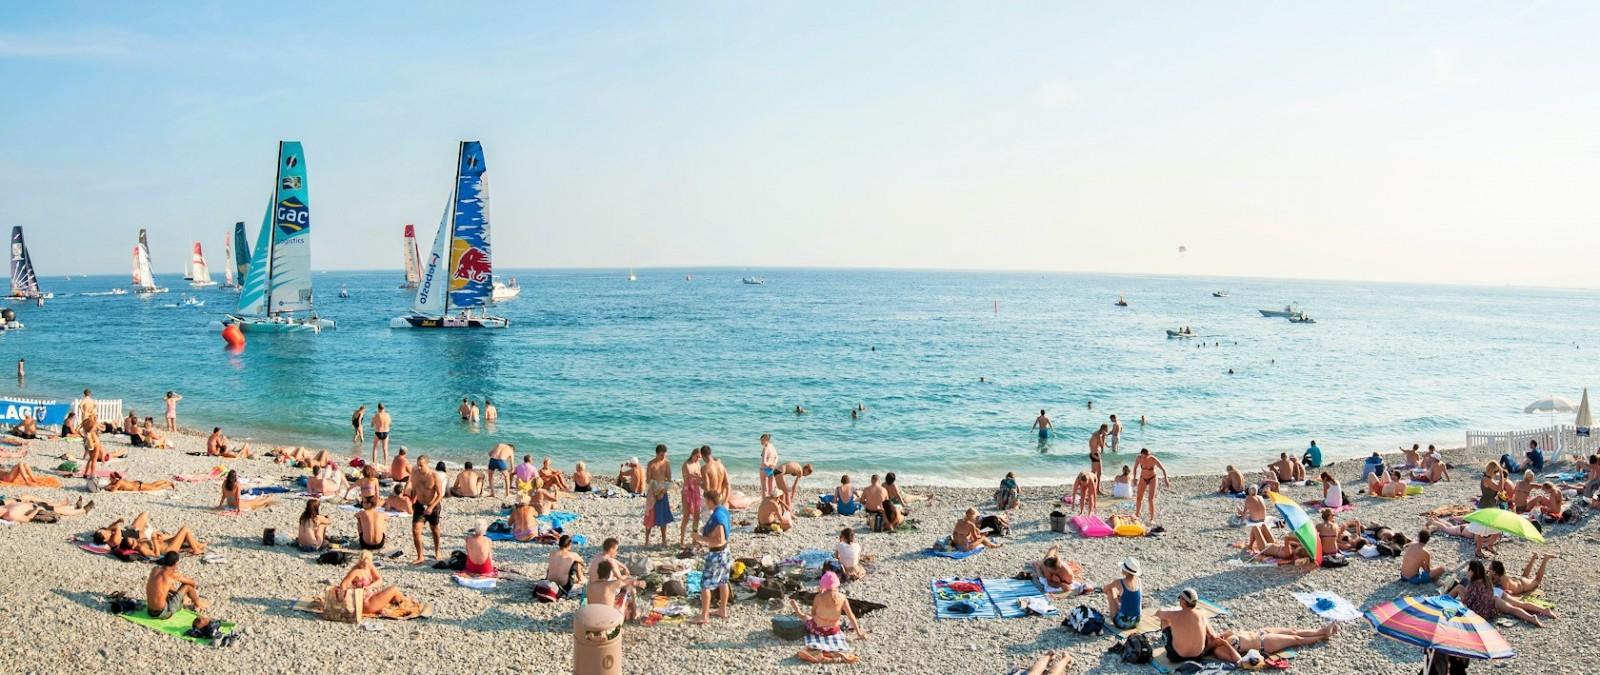 Terrorismo, divieto di zaini e borse sulle spiagge di Cannes